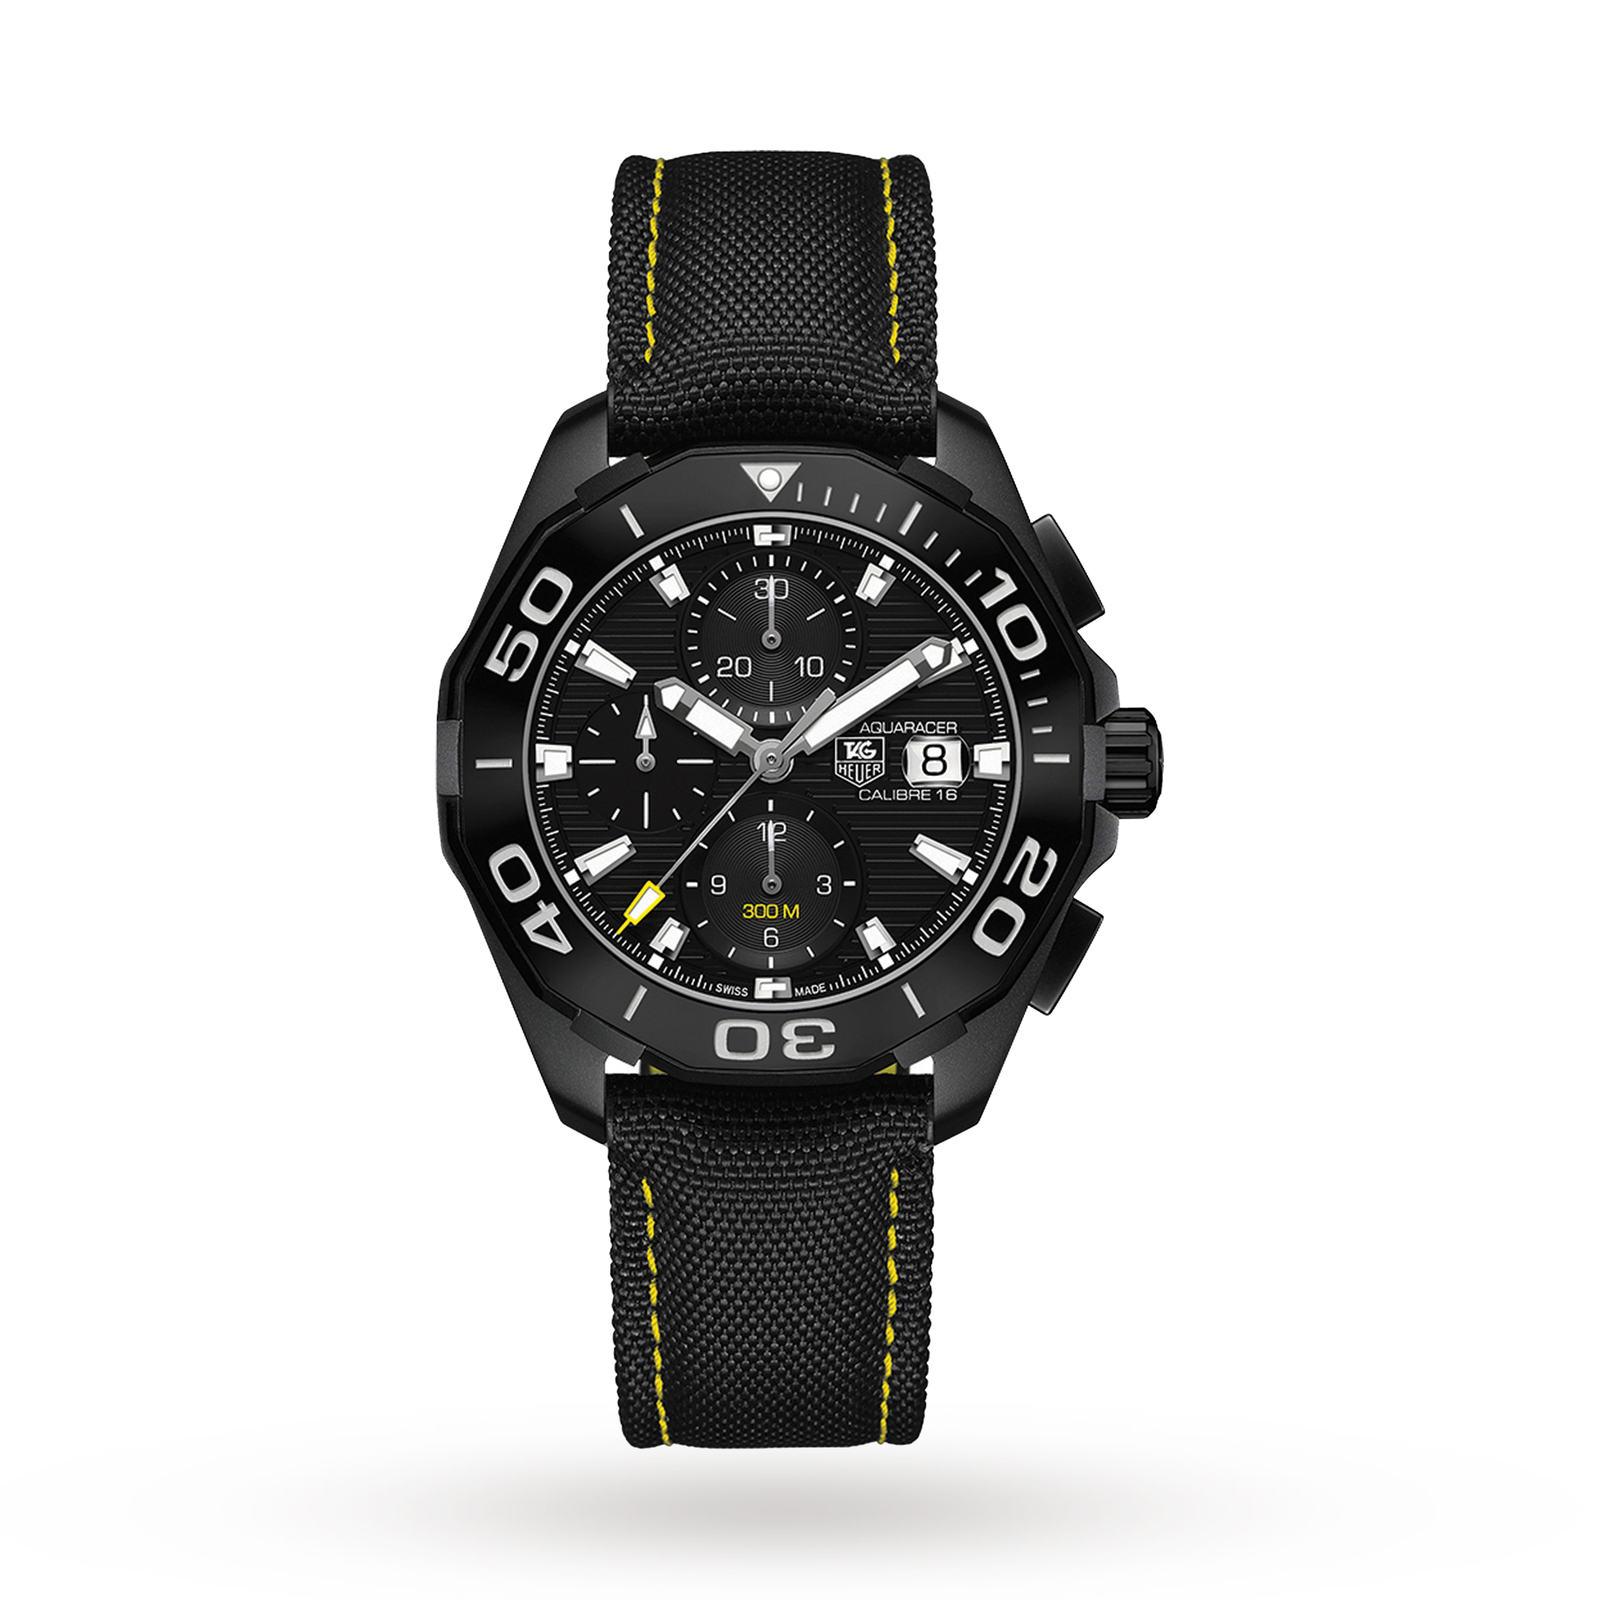 TAG Heuer Aquaracer Calibre 16 Mens Watch, £2,150 @ Goldsmiths